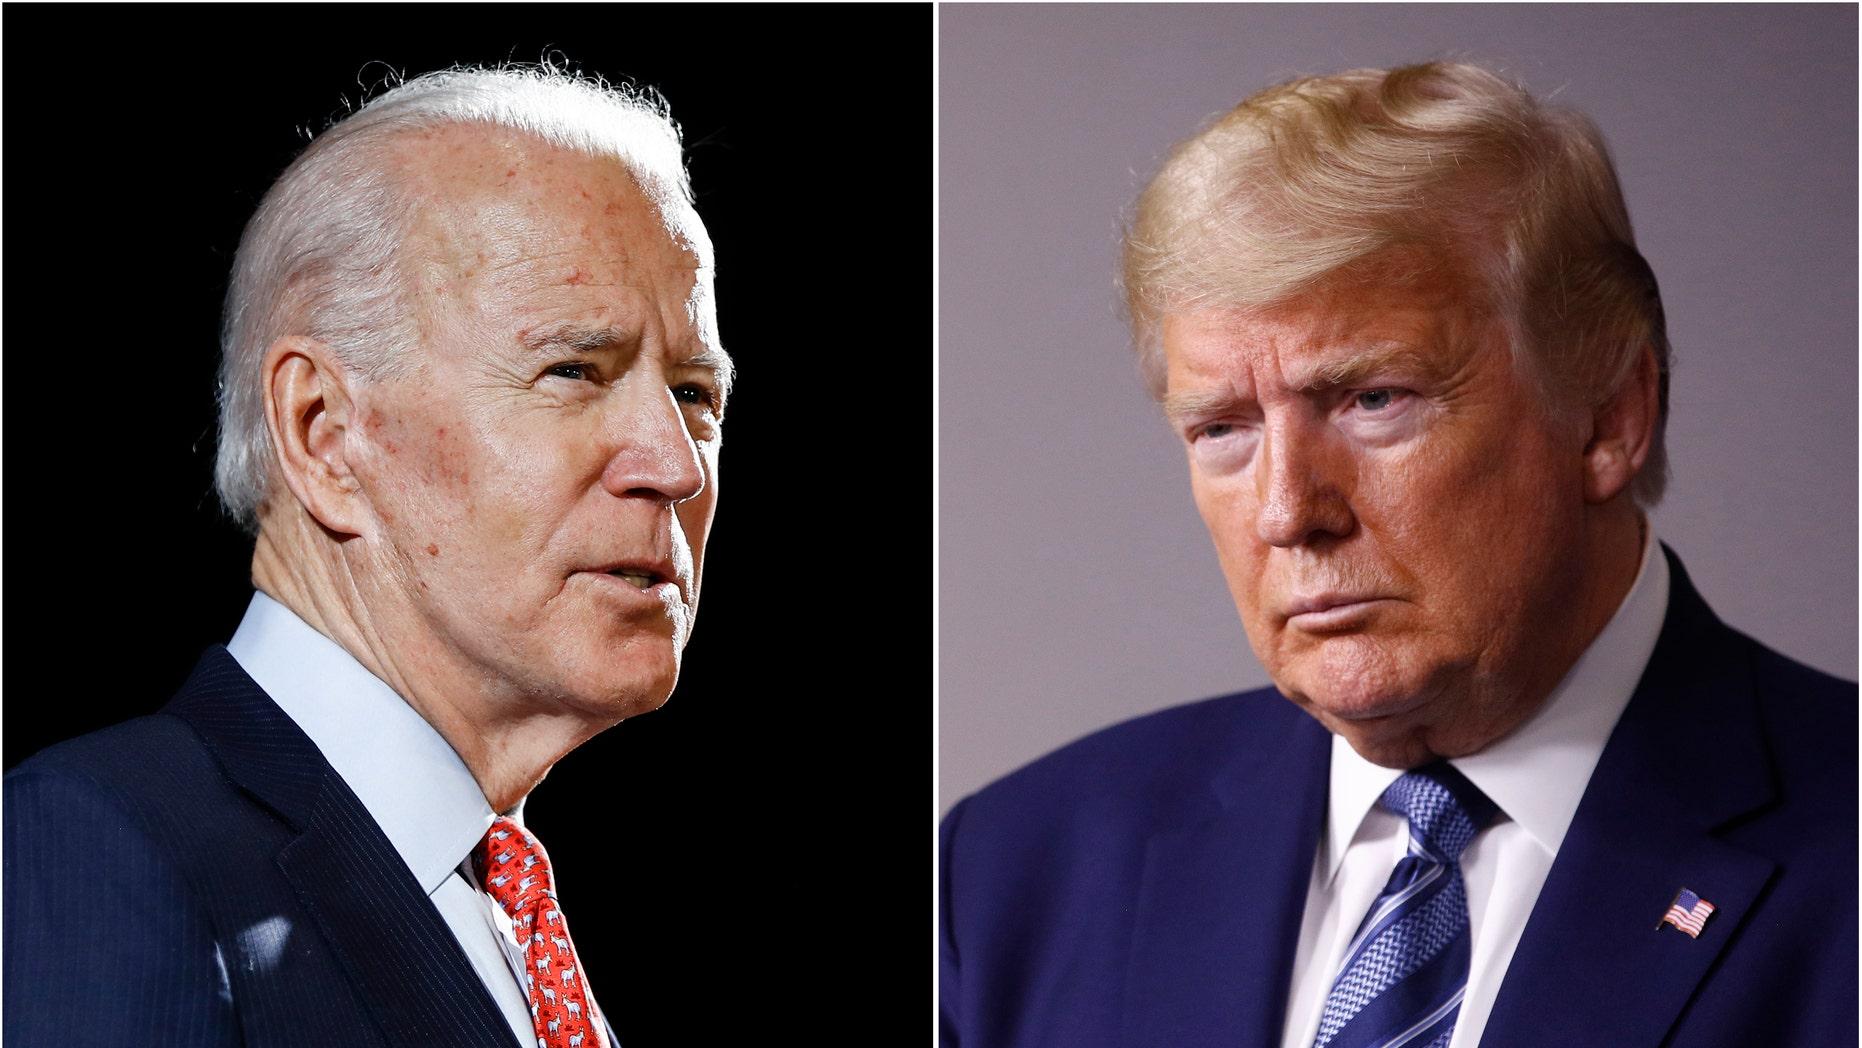 Trump, Biden get ready in different ways for their first debate